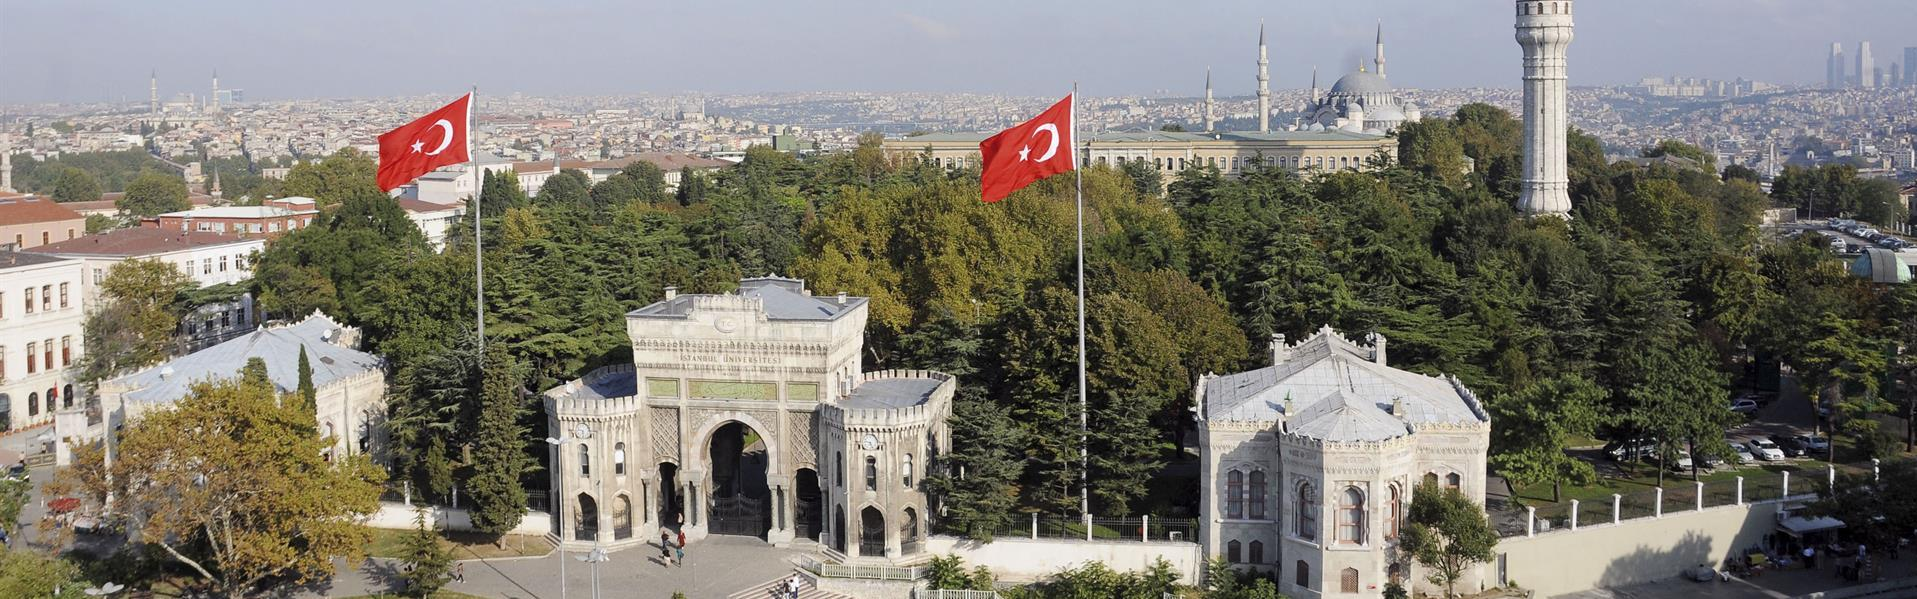 yabancı-diller yabanci iü-yabancı-Diller-yüksekokulu yabancı-Diller-yo iü-yabancı yabancı-Diller-istanbul-üniversitesi istanbul-yabancı-diller-yüksekokulu yabancı-diller-yüksekokulu-iü